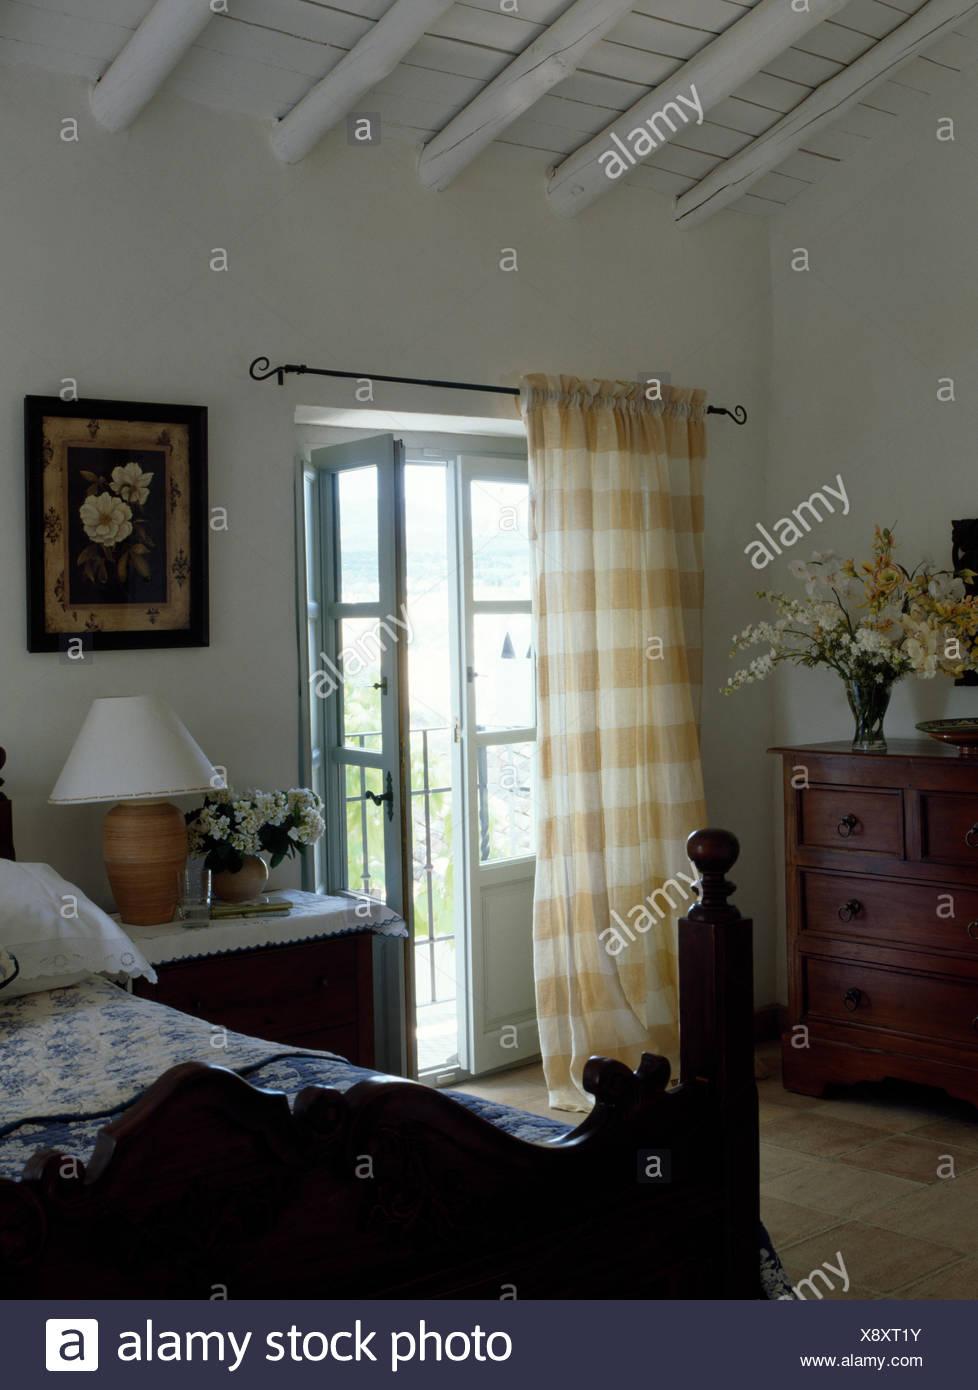 Antikes Holzbett In Franzosischer Landhaus Schlafzimmer Mit Gelben